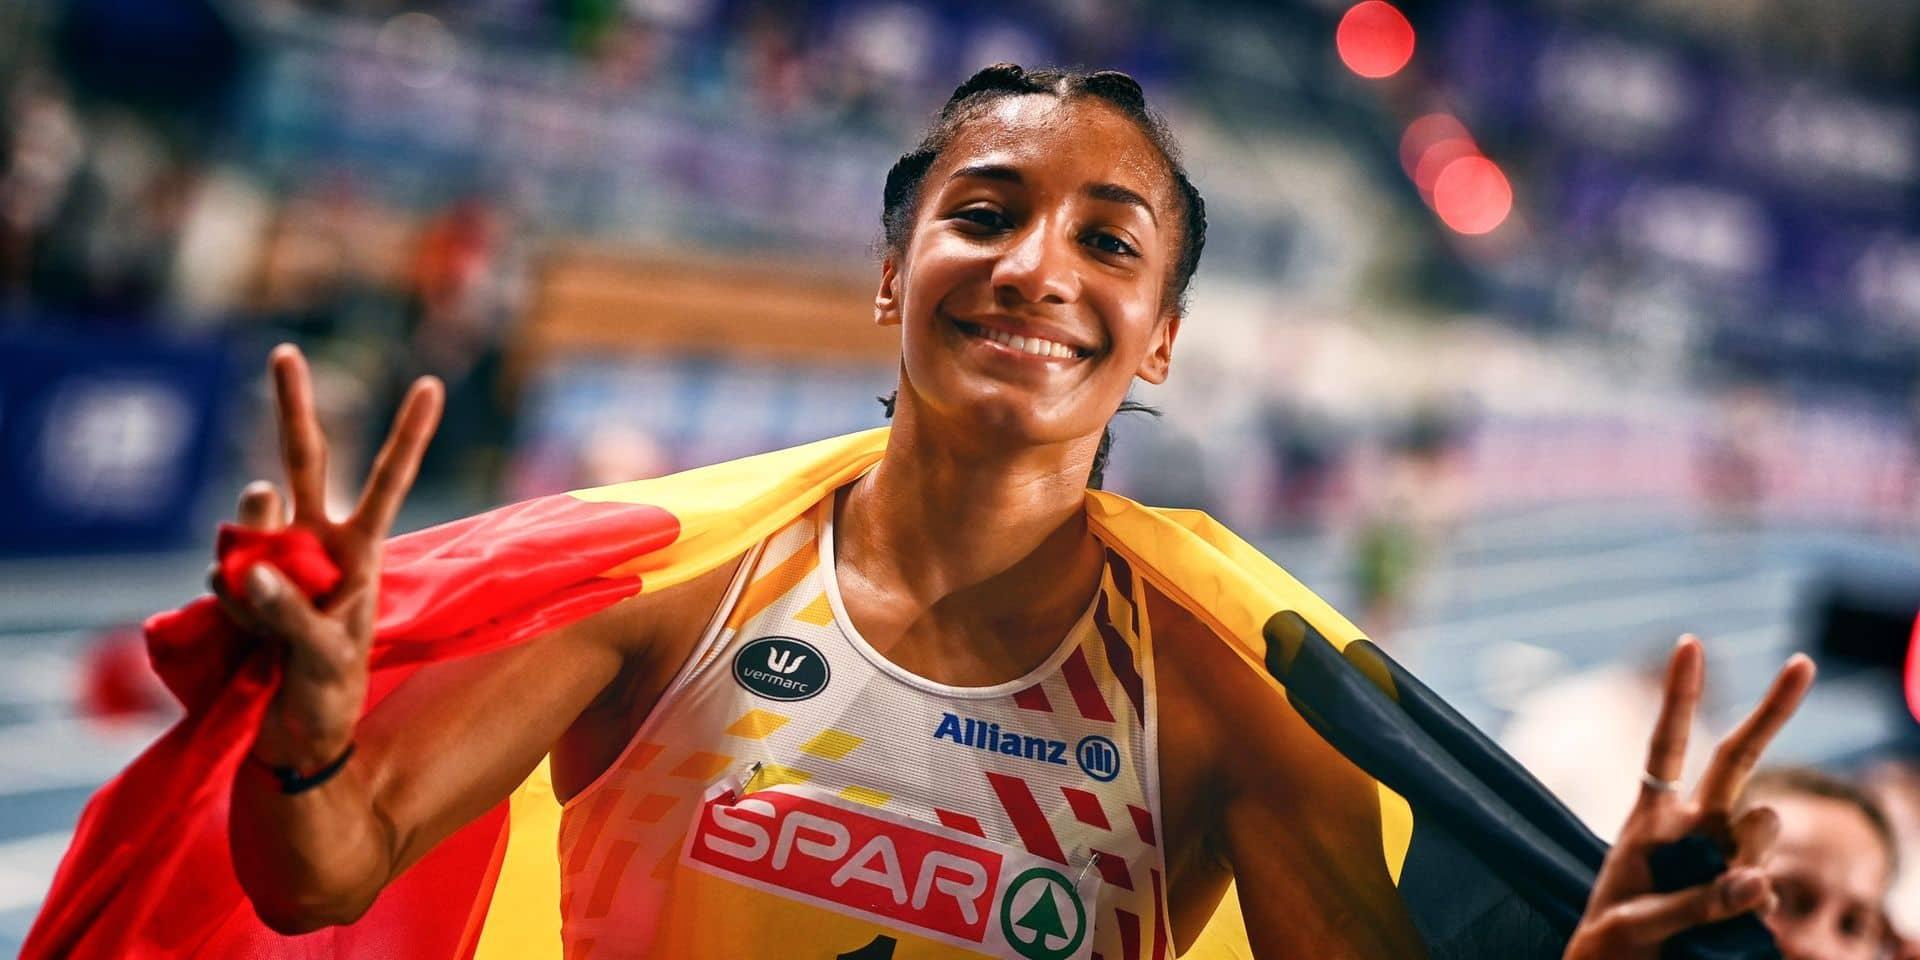 """Championnats d'Europe d'athlétisme en salle: """"Le résultat de douze mois de travail"""", se réjouit Nafi Thiam"""